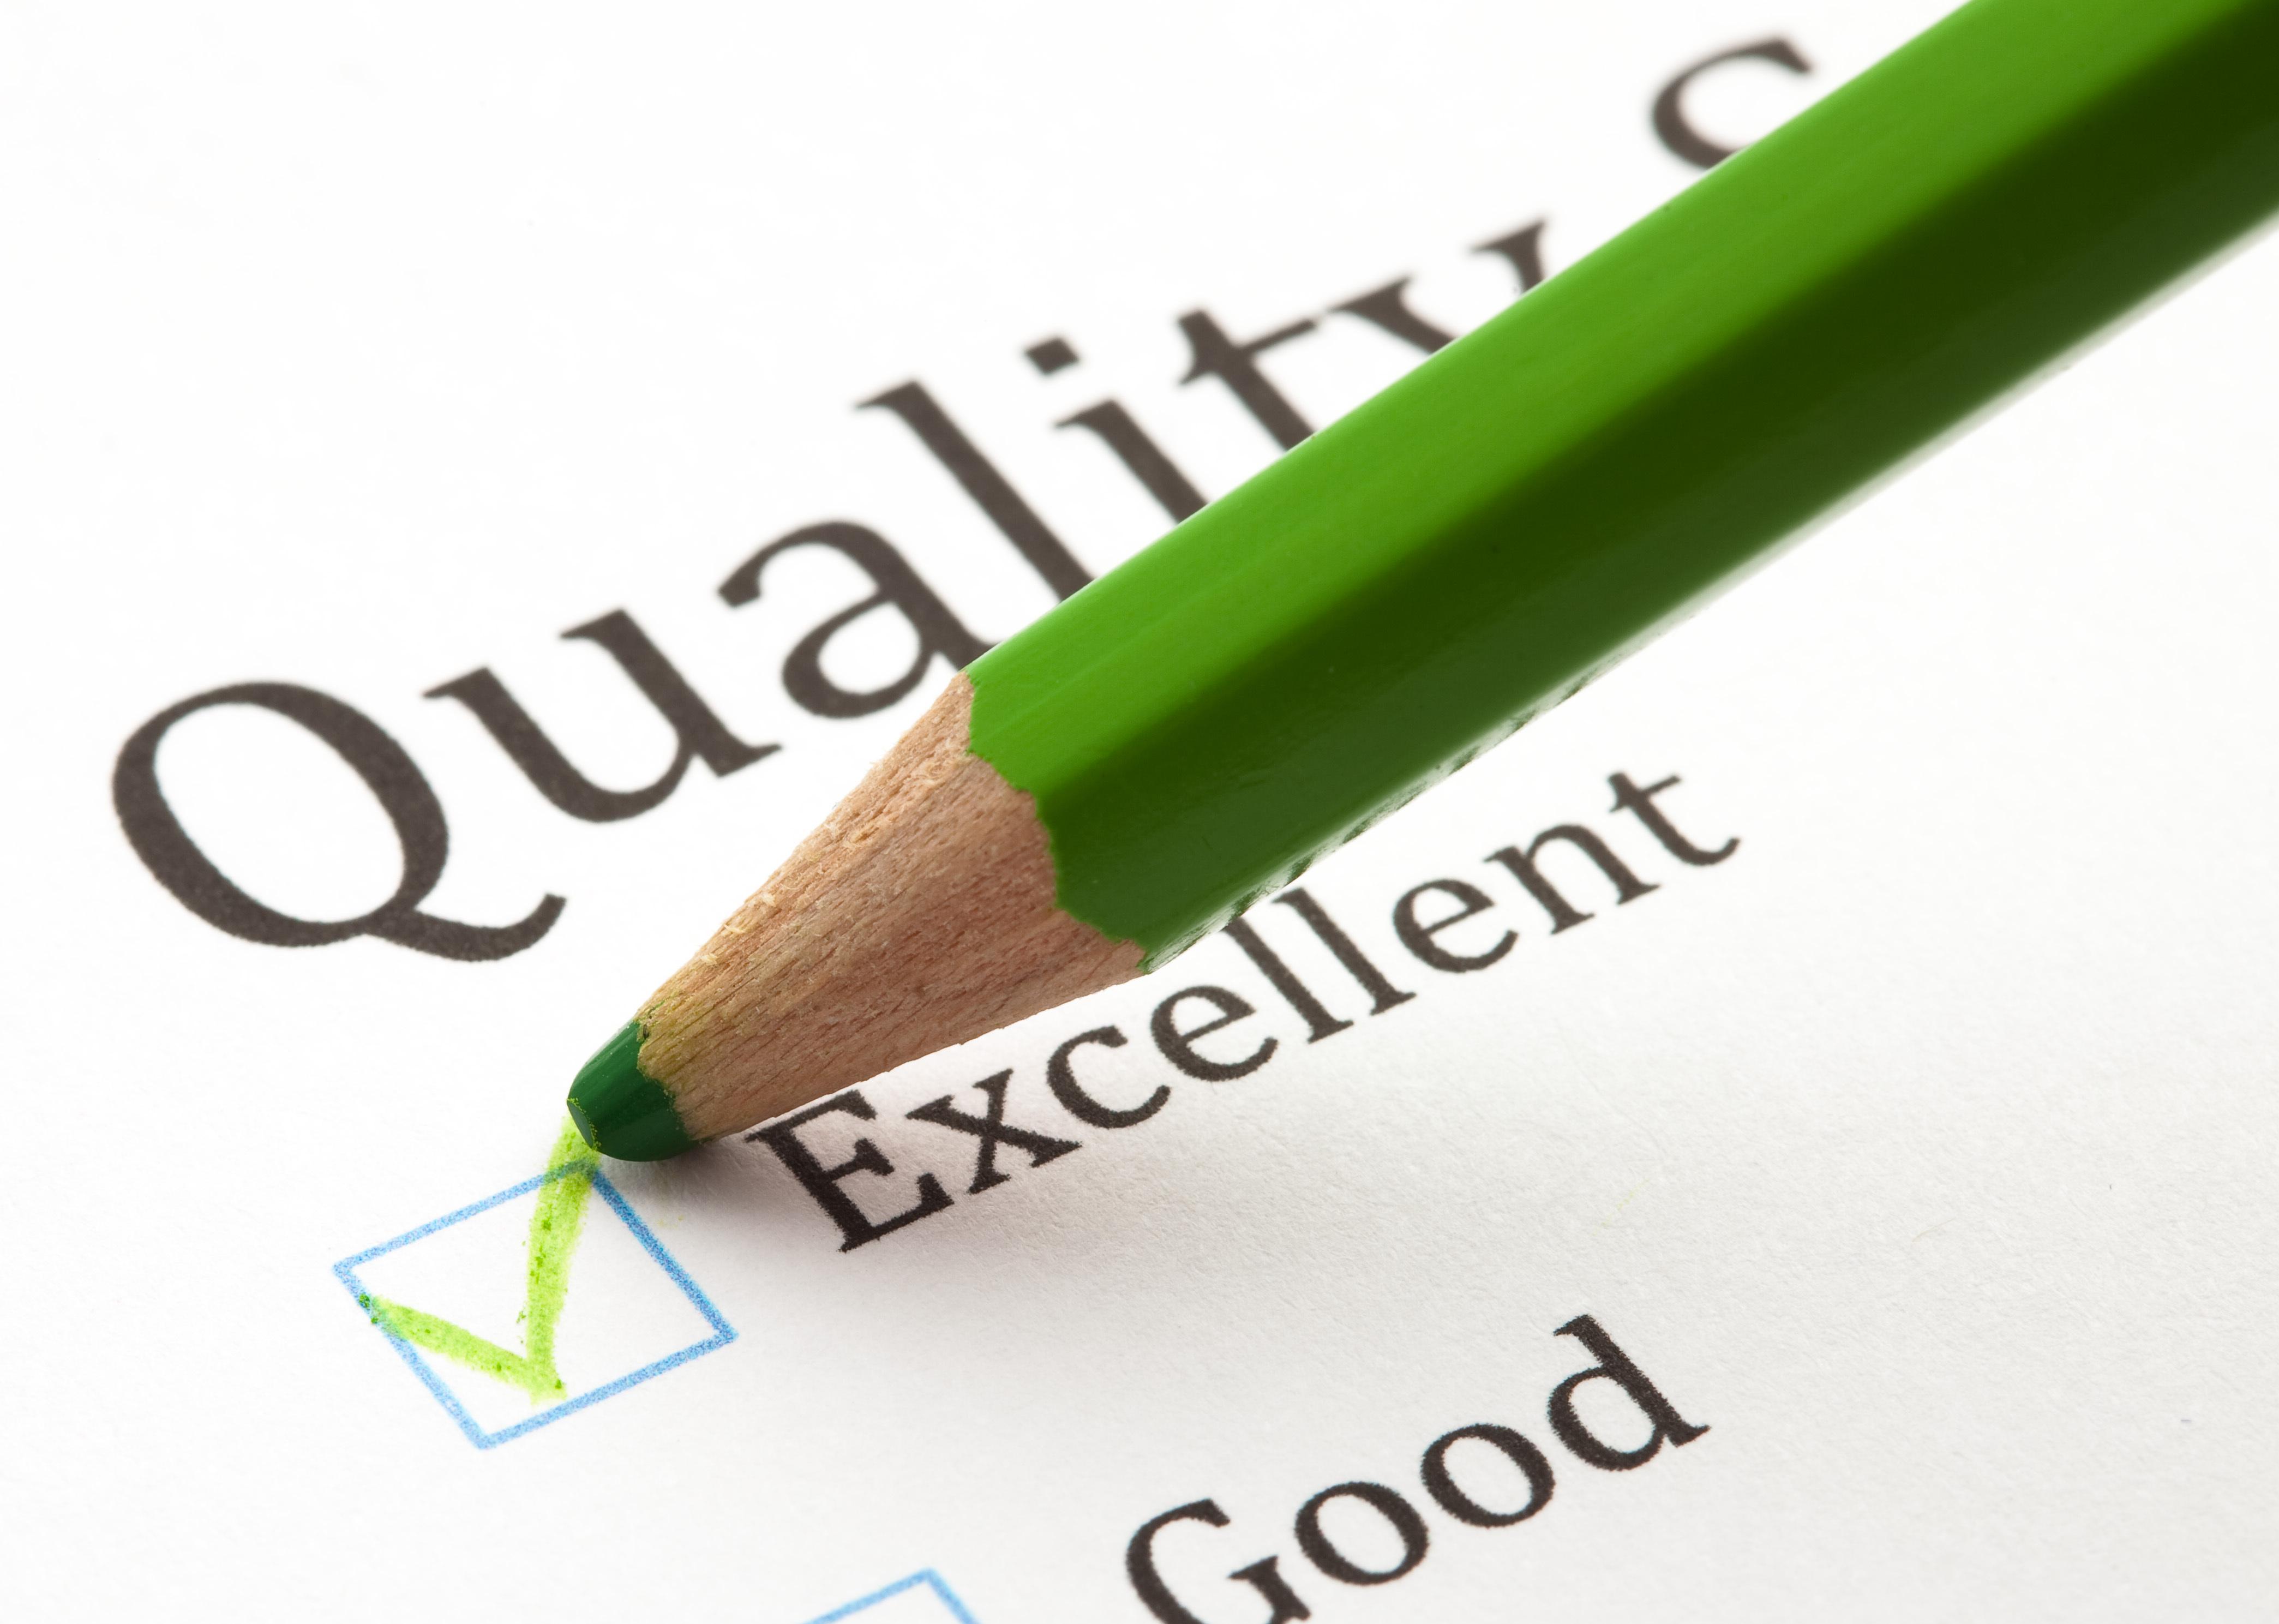 Confira 5 Dicas De Como Escrever um Conteúdo de Qualidade